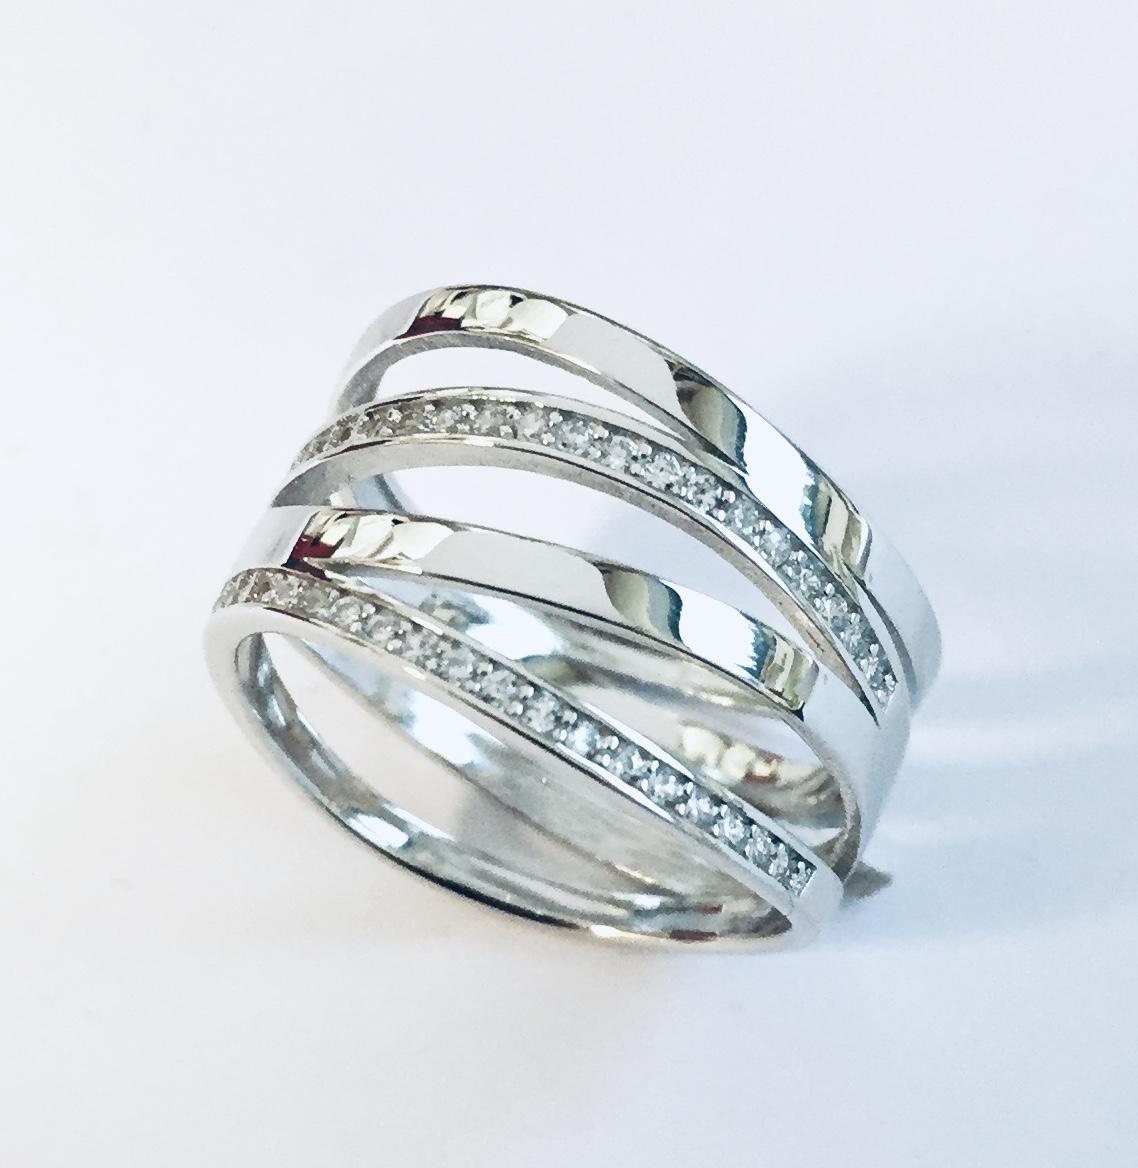 Ring rh.sølv 4R m/stener på 2 rader